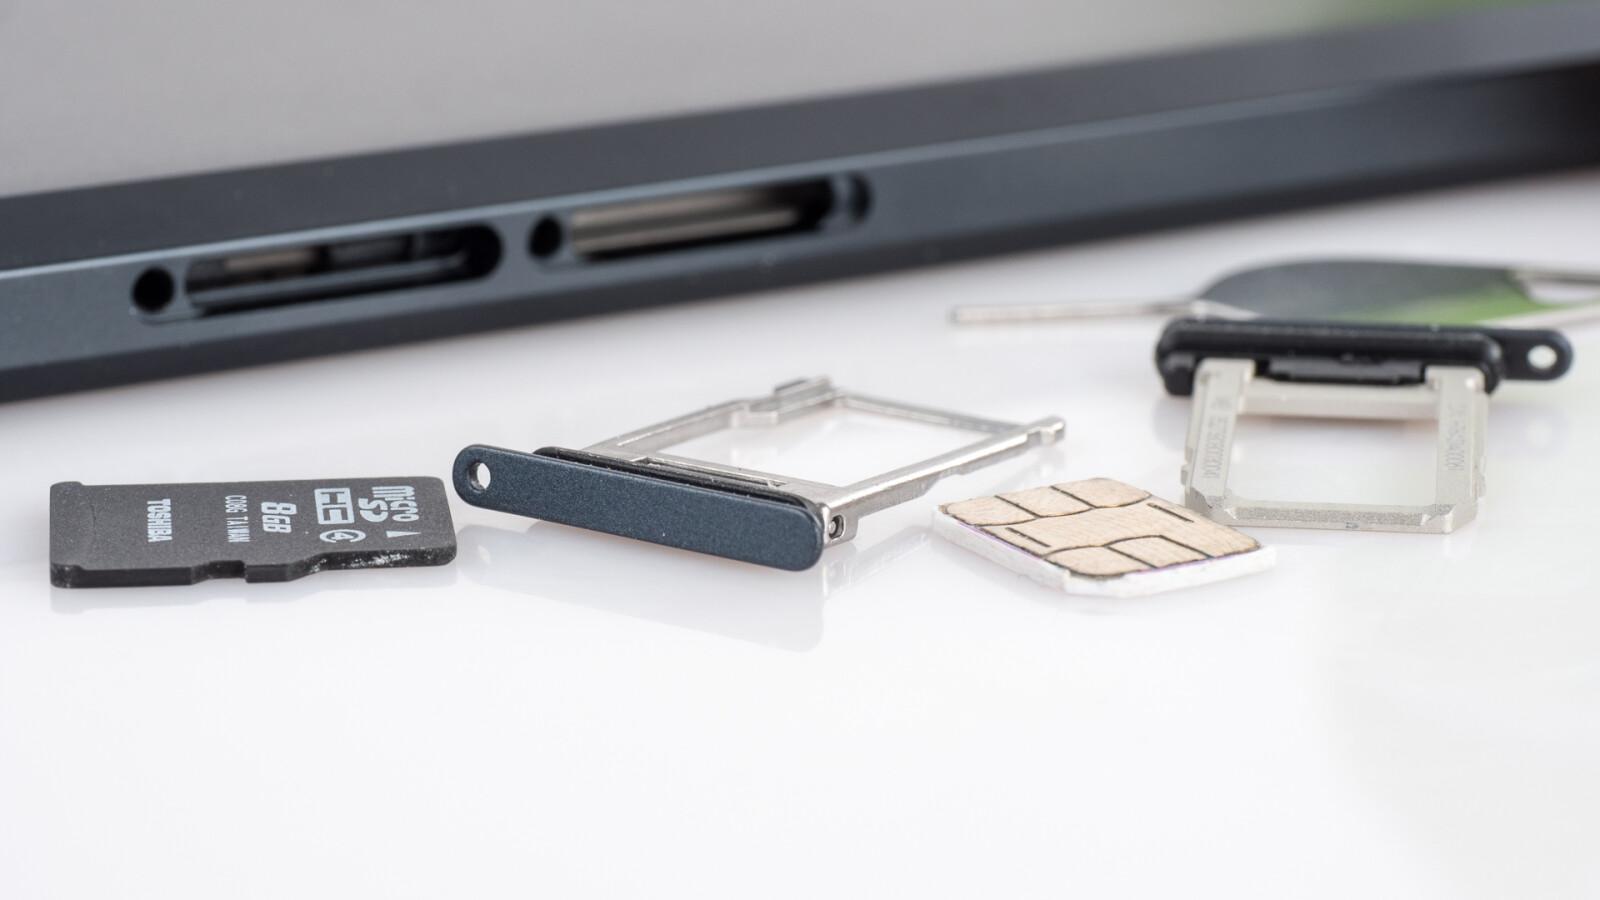 Huawei P10 Sim Karte Einsetzen.Sim Karte Wird Nicht Erkannt So Behebt Ihr Probleme Mit Der Sim